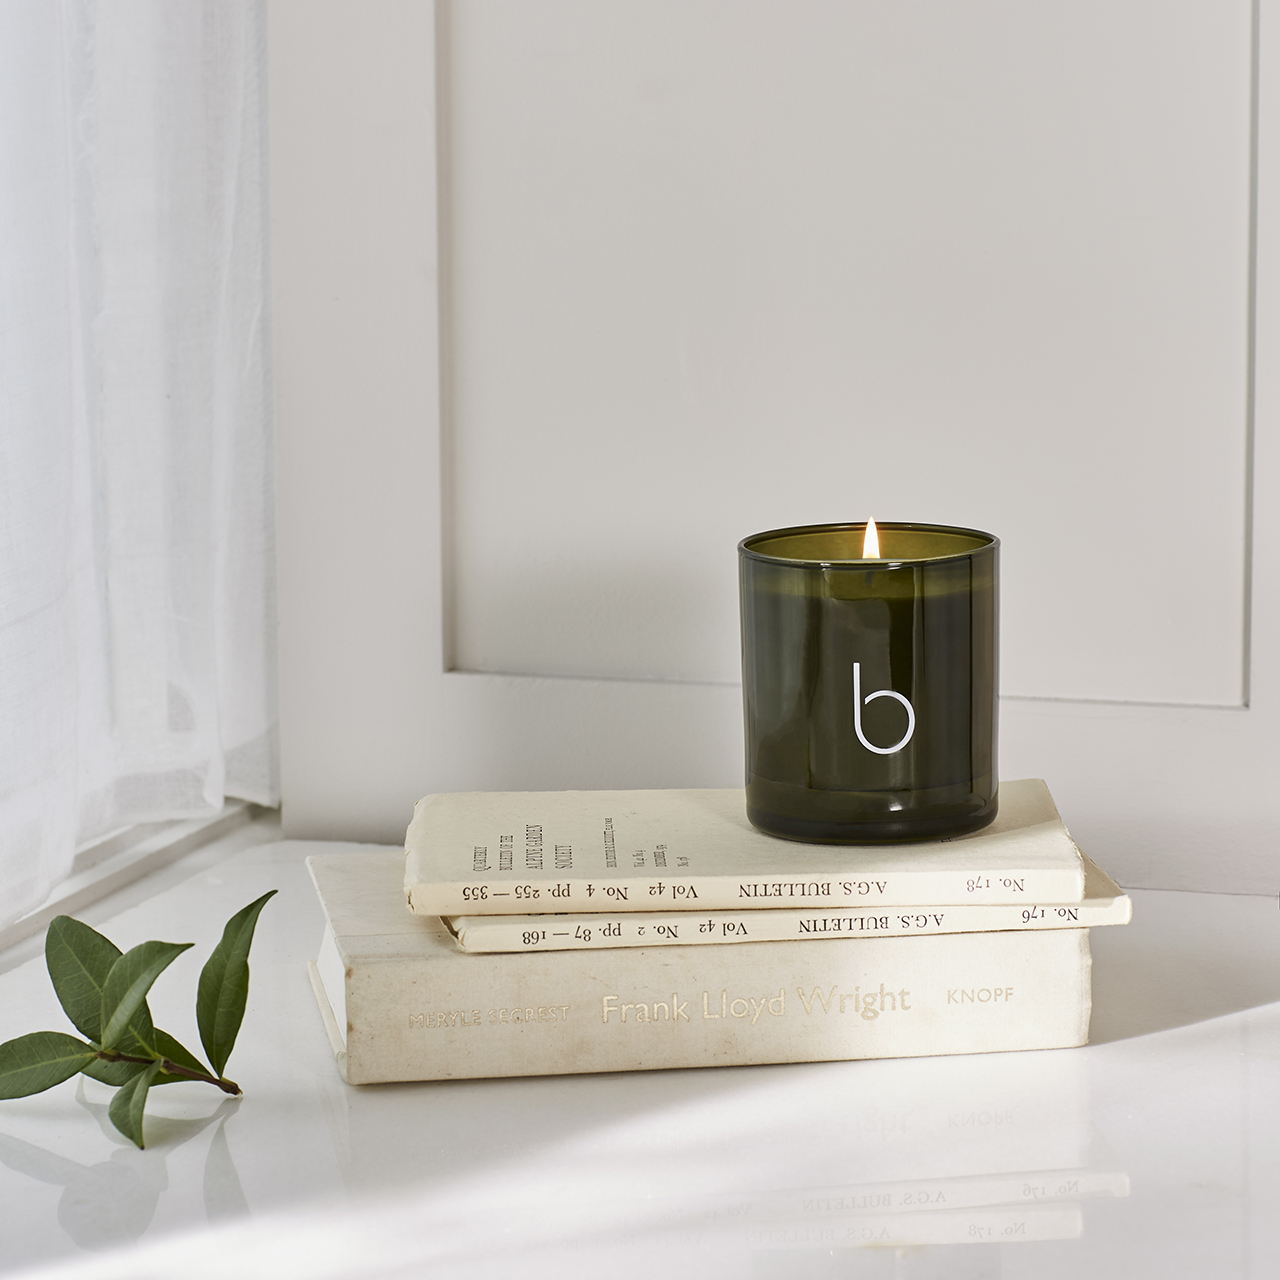 bamford,生活選物,生活雜貨,英國品牌,英國香氛品牌,生活品牌,香氛品牌